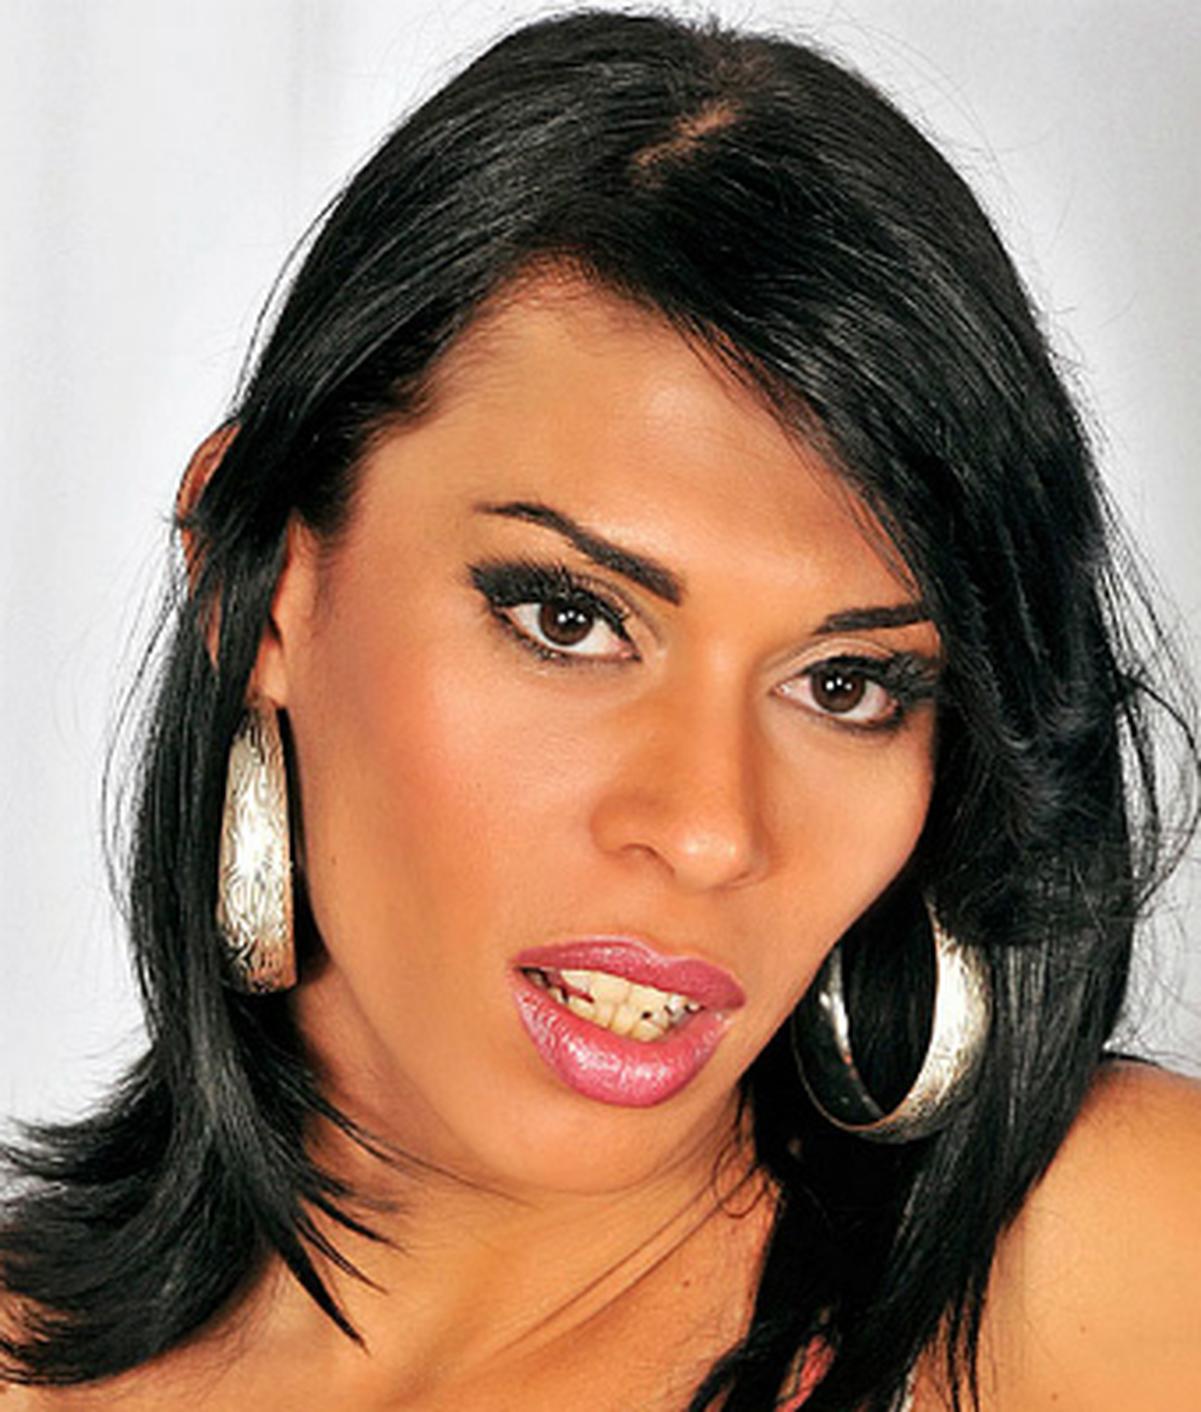 Sabrina de Castro